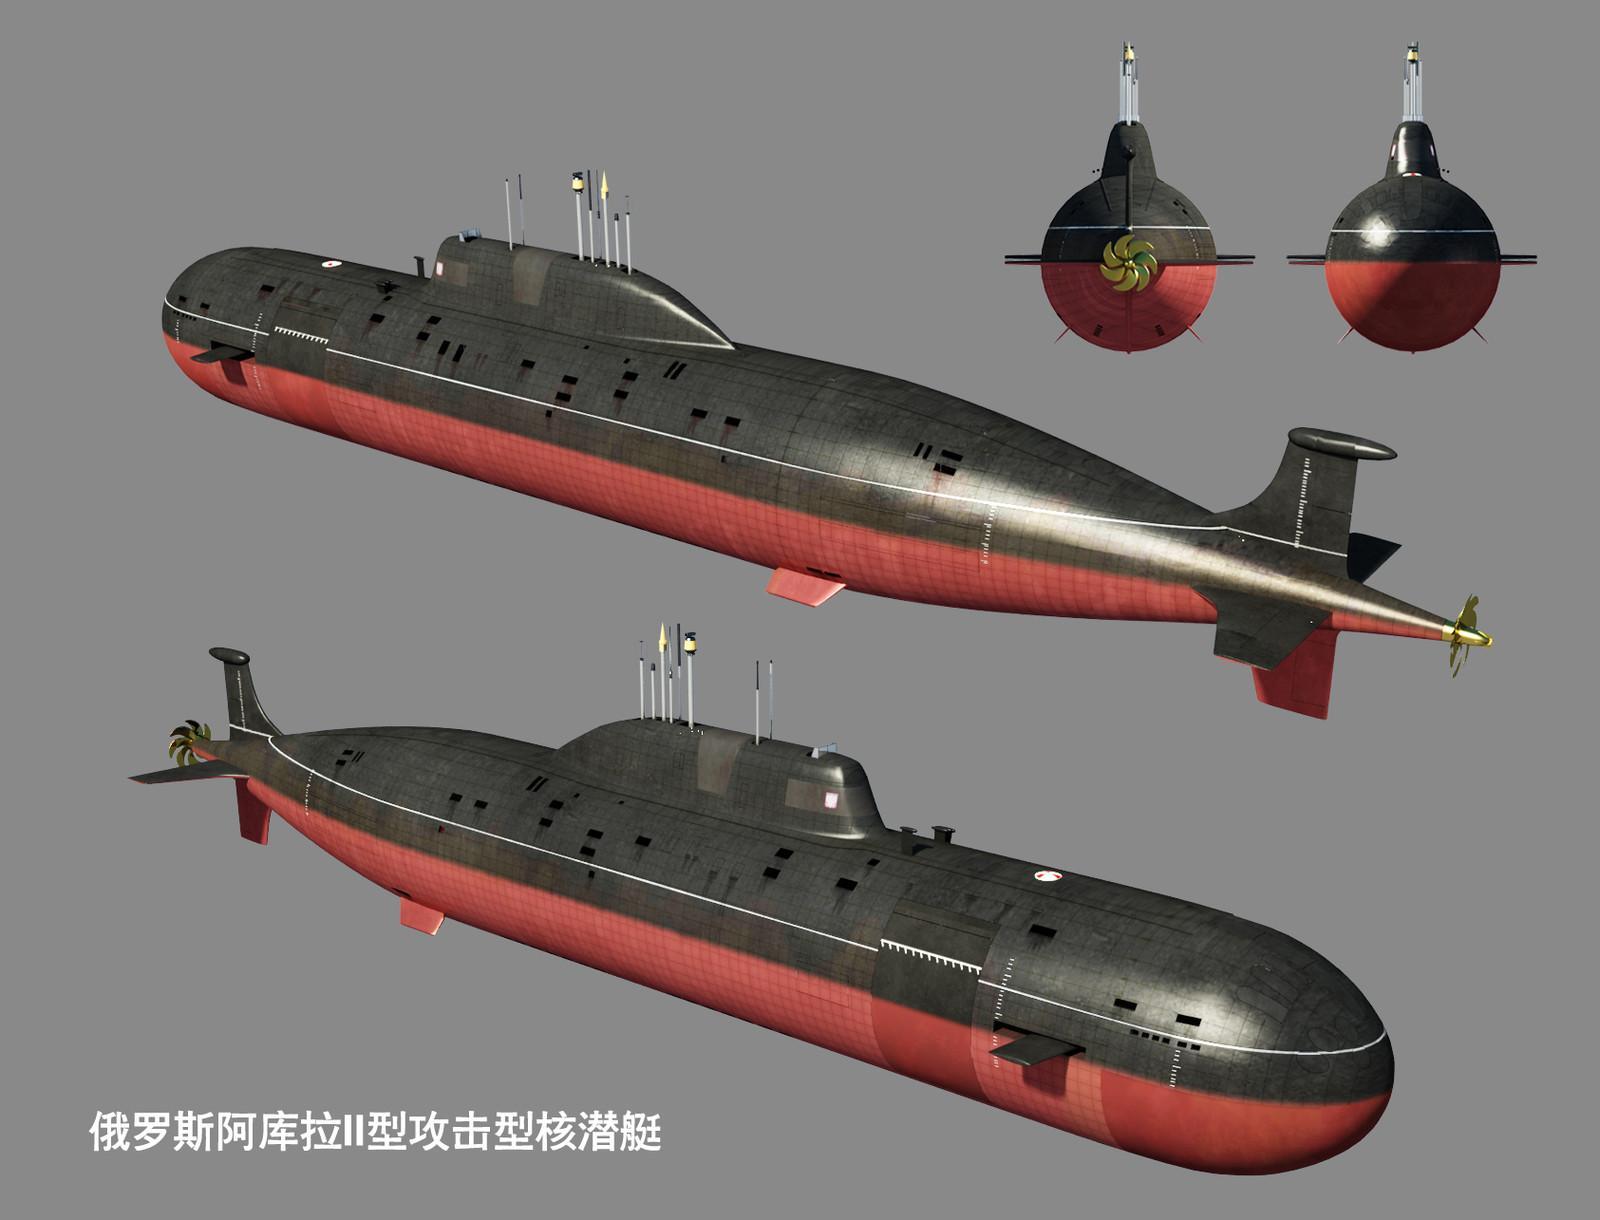 首艘装备锂电潜艇_阿库拉级核潜艇